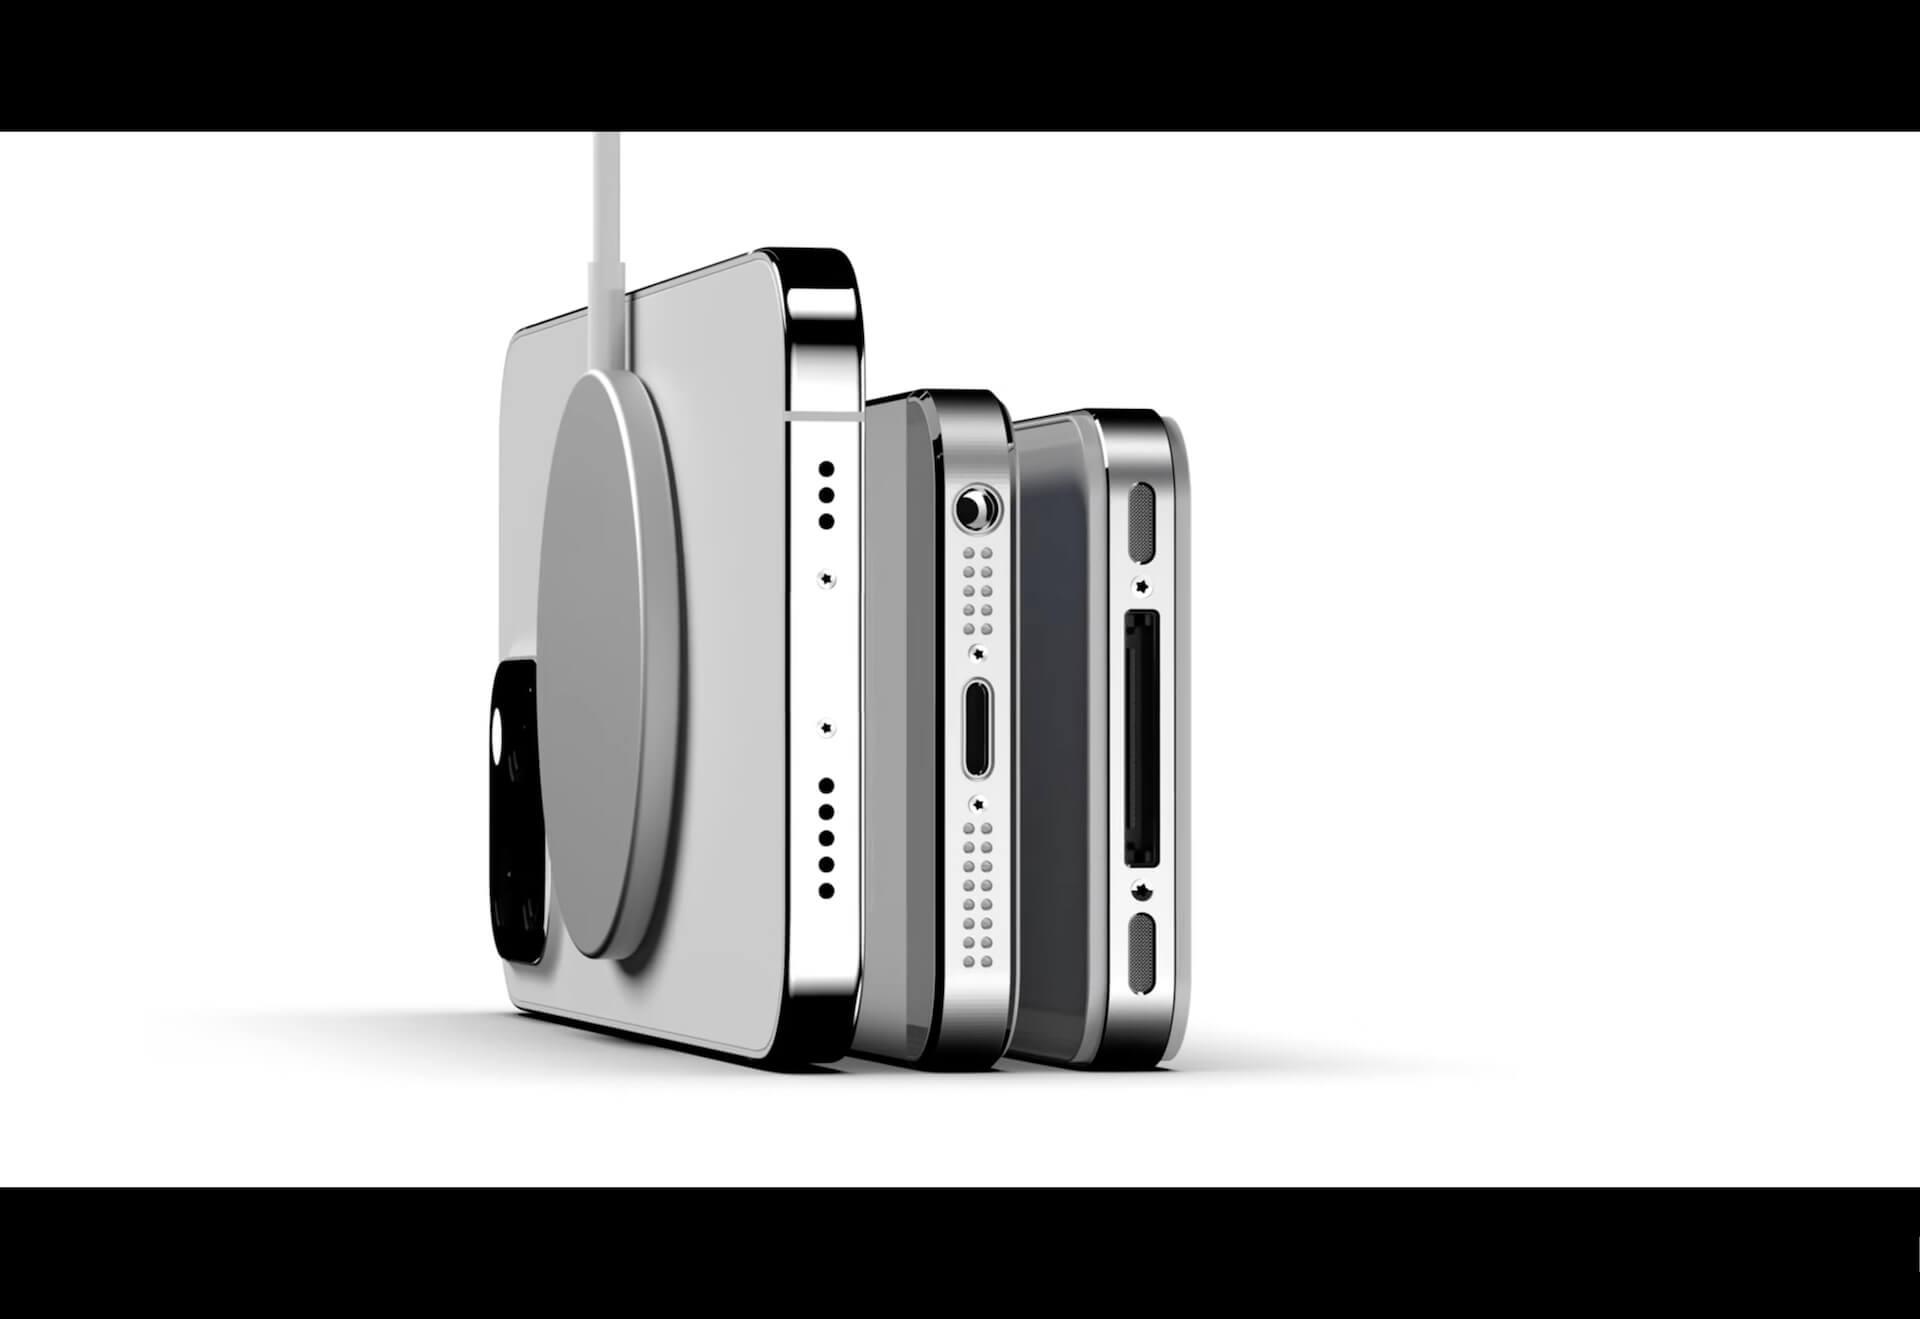 iPhone 13のポートレスモデルは他のデバイスにケーブルでつながずにiOSをリストア可能に? tech210301_iphone13_portless_main